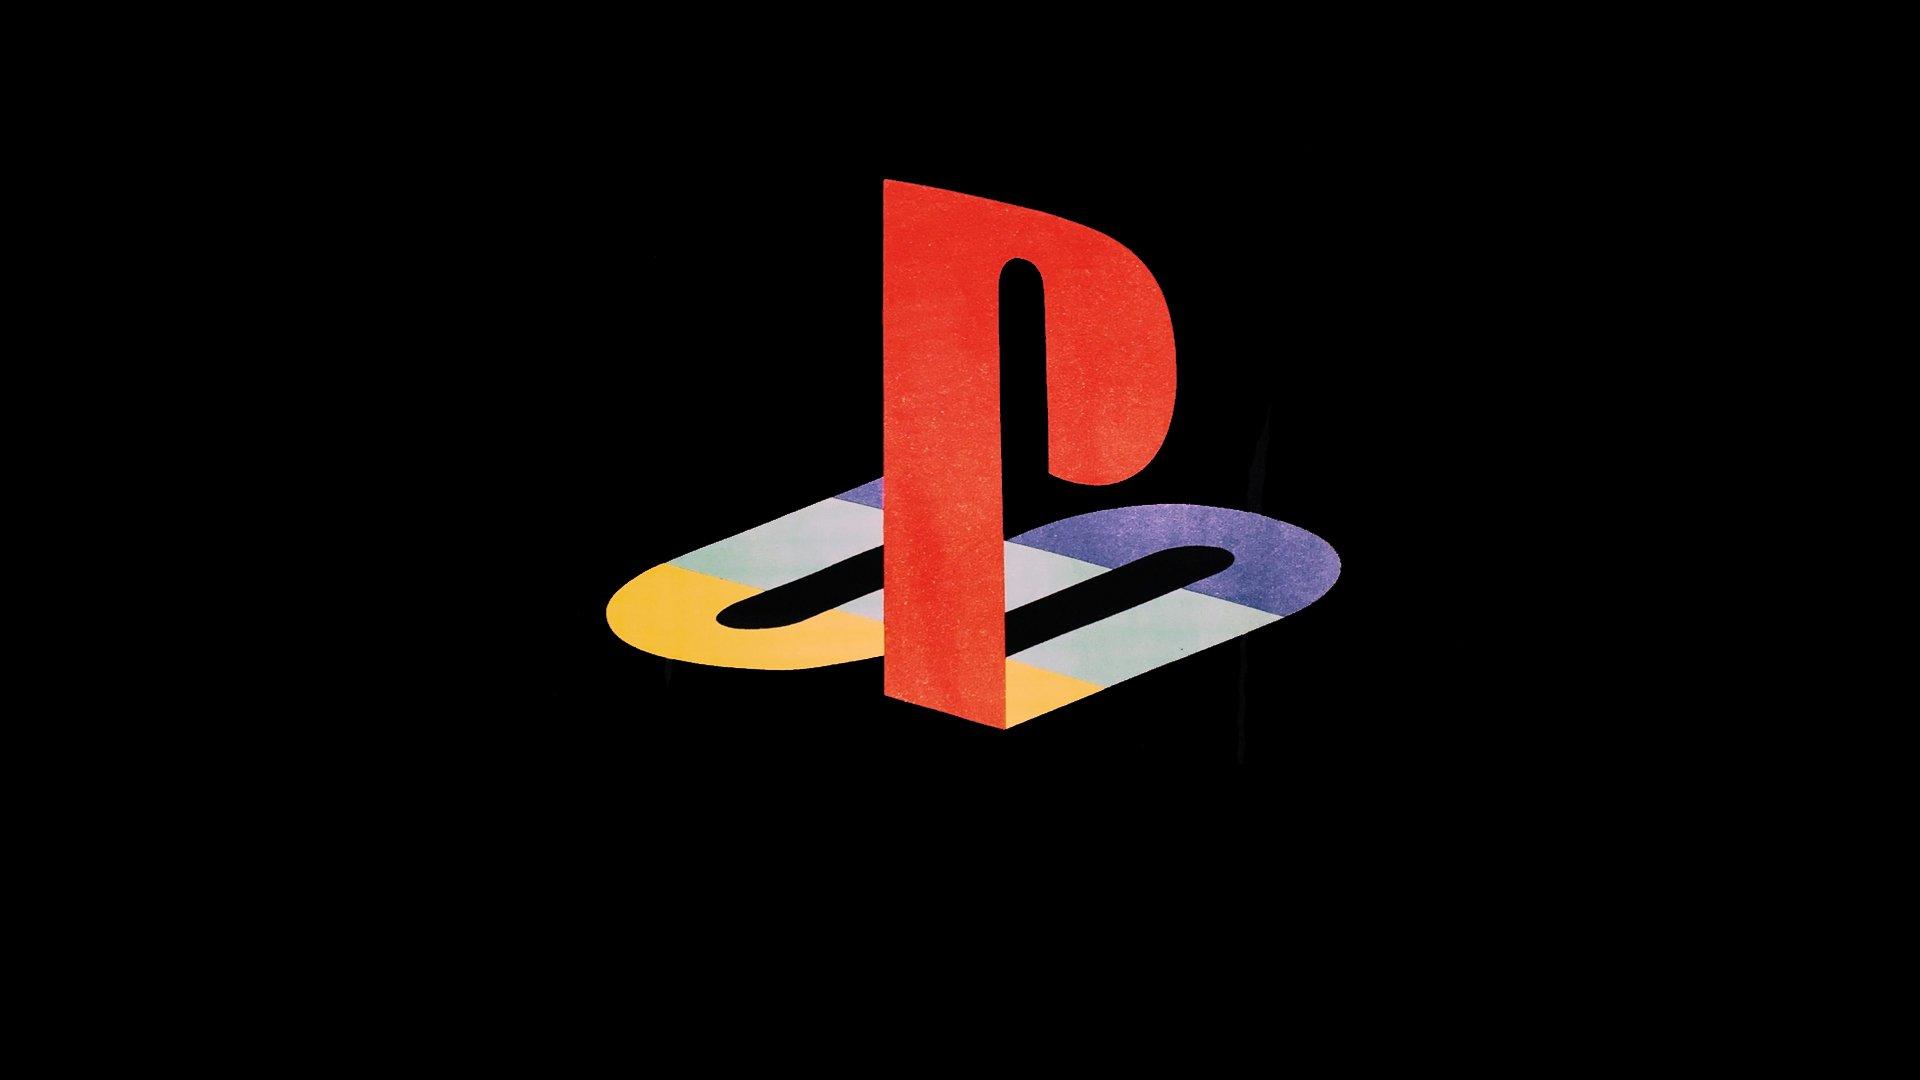 Playstation fond d 39 cran hd arri re plan 1920x1080 for Fond ecran ps3